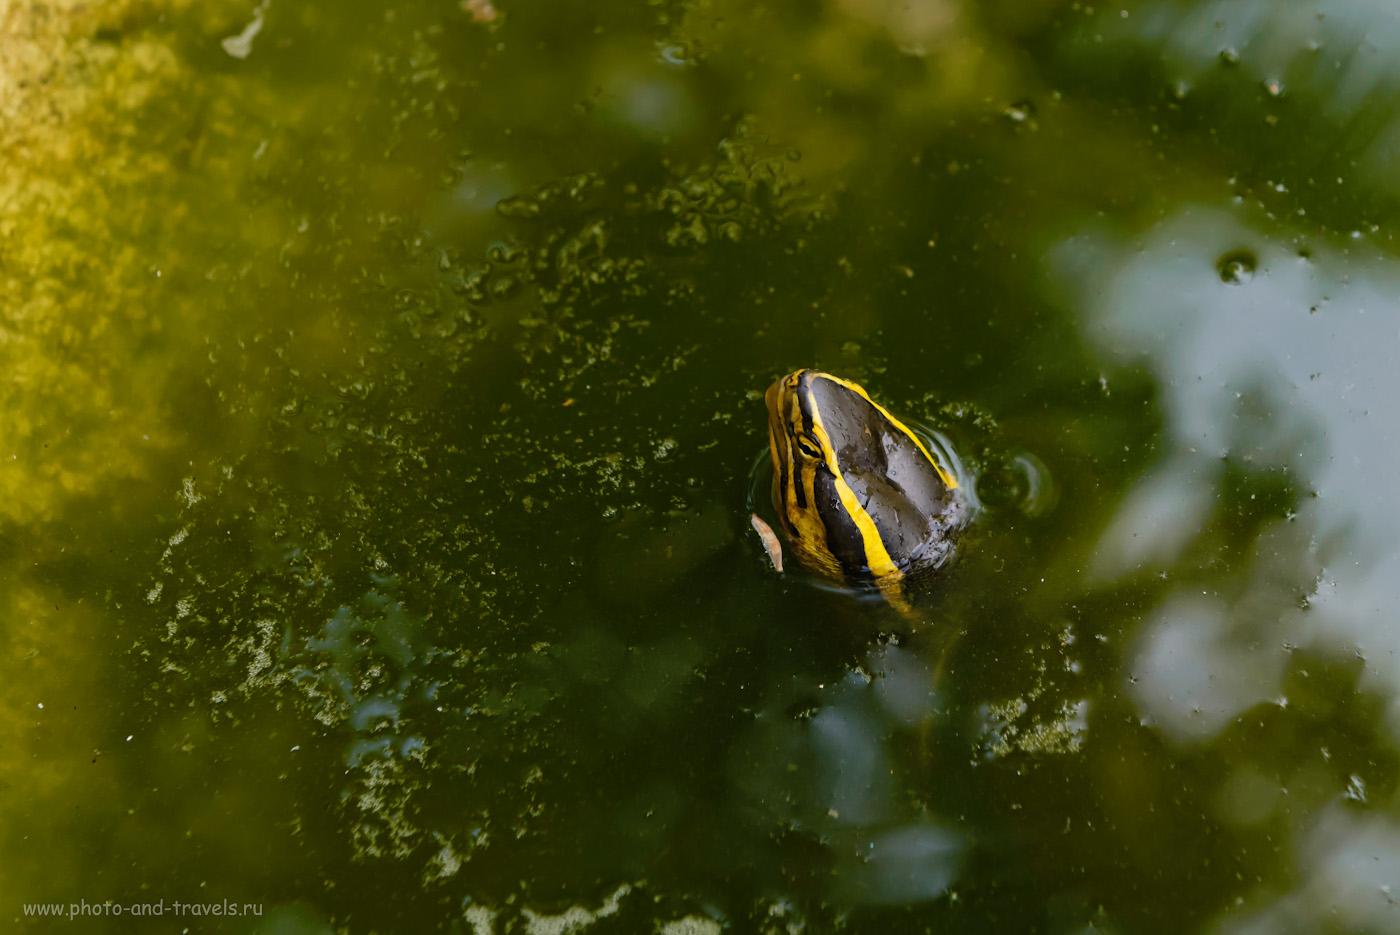 Фотография 15. Любопытный товарищ. Отзывы туристов о походе к Биг Будде в Паттайе. Самостоятельное путешествие в Таиланд. 1/160, -0.67, 5.0, 640, 70.